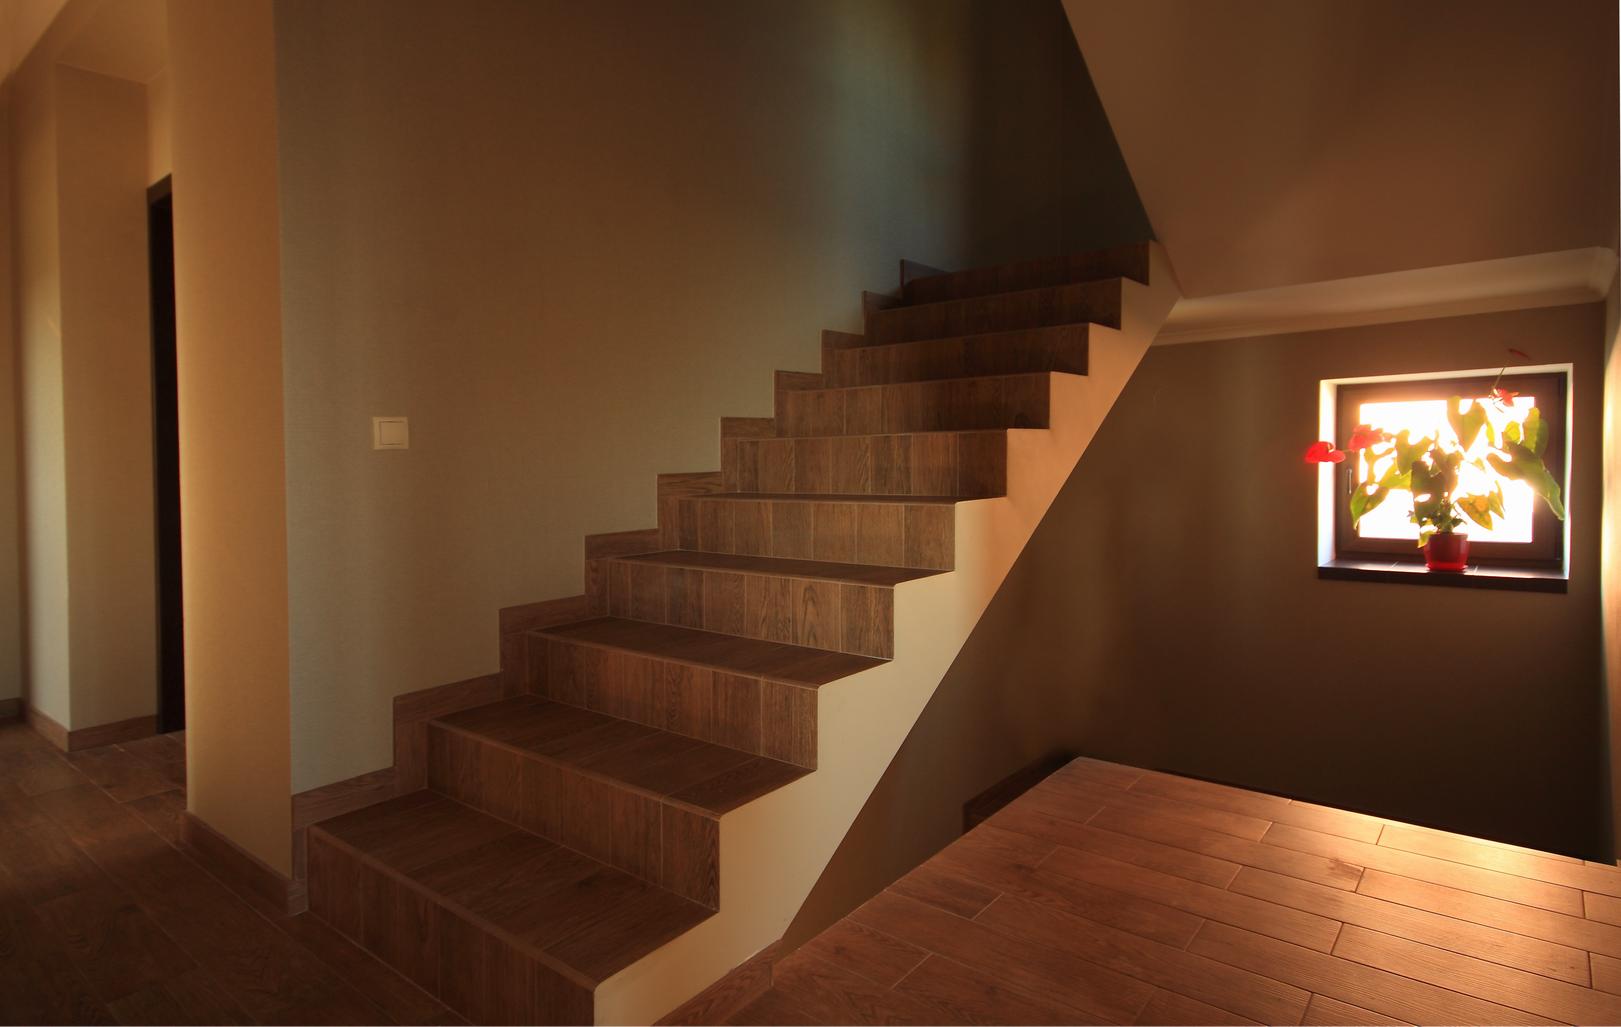 Реализация проекта Ворскла - Проект дома на склоне, лестница